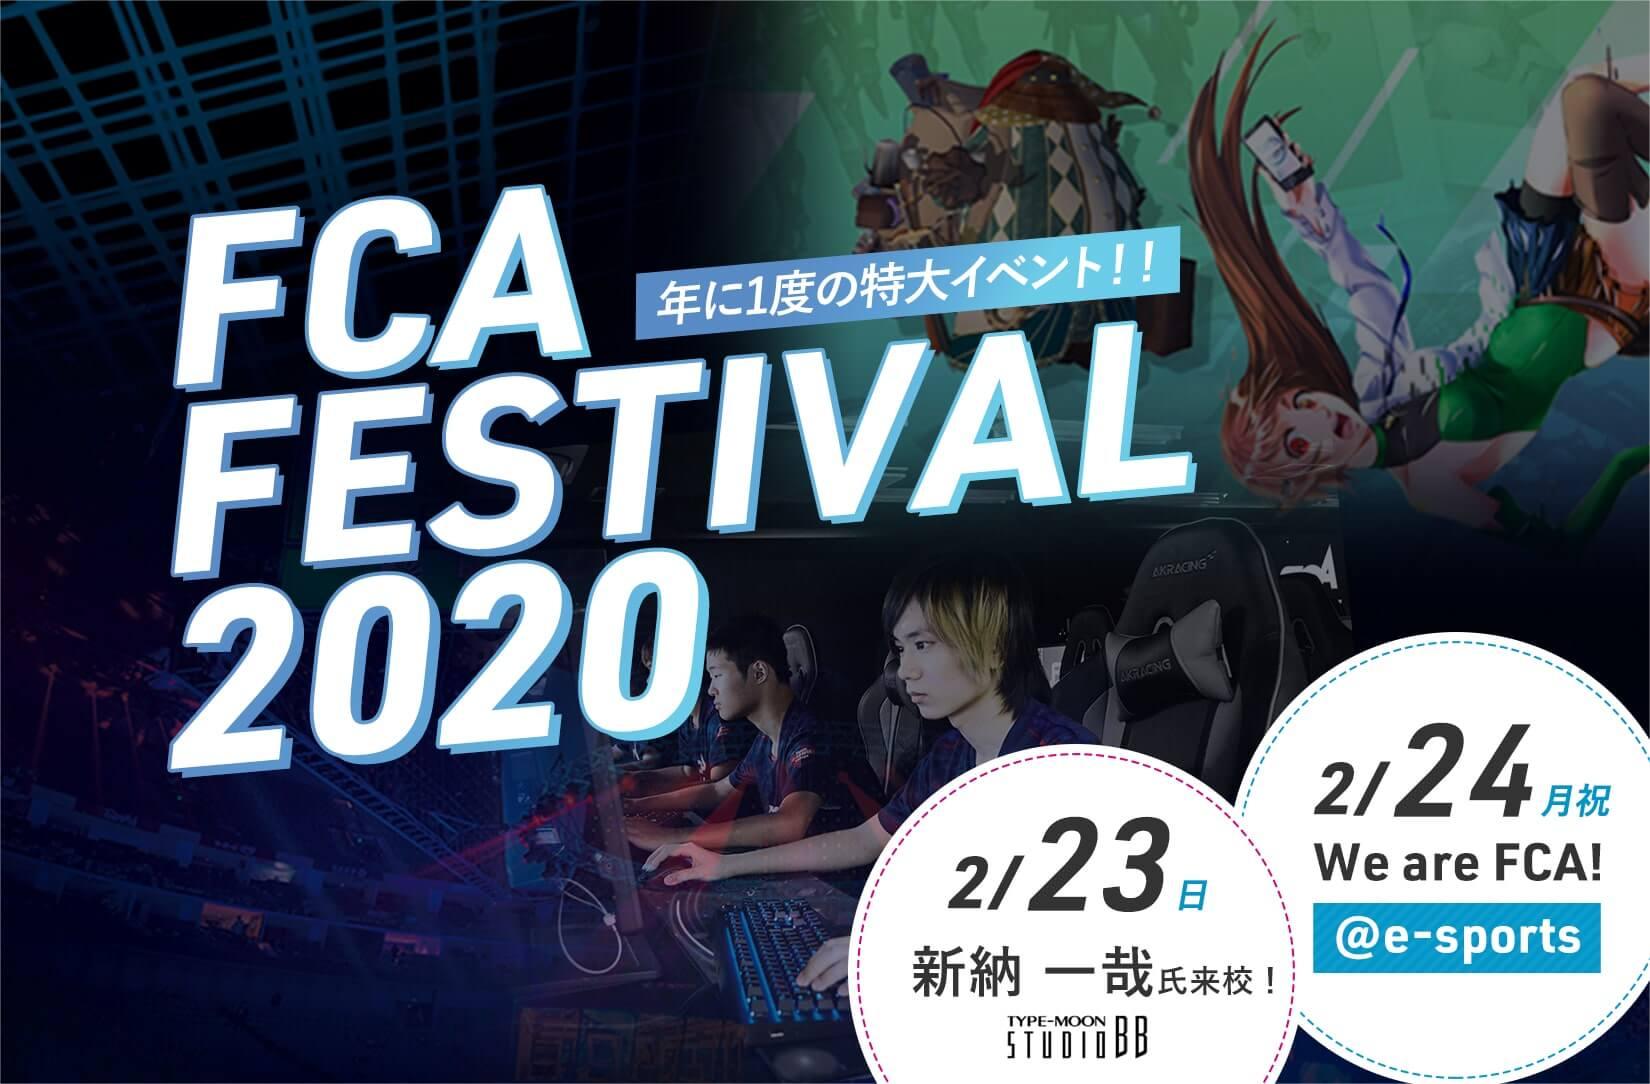 FCA FESTIVAL 2020